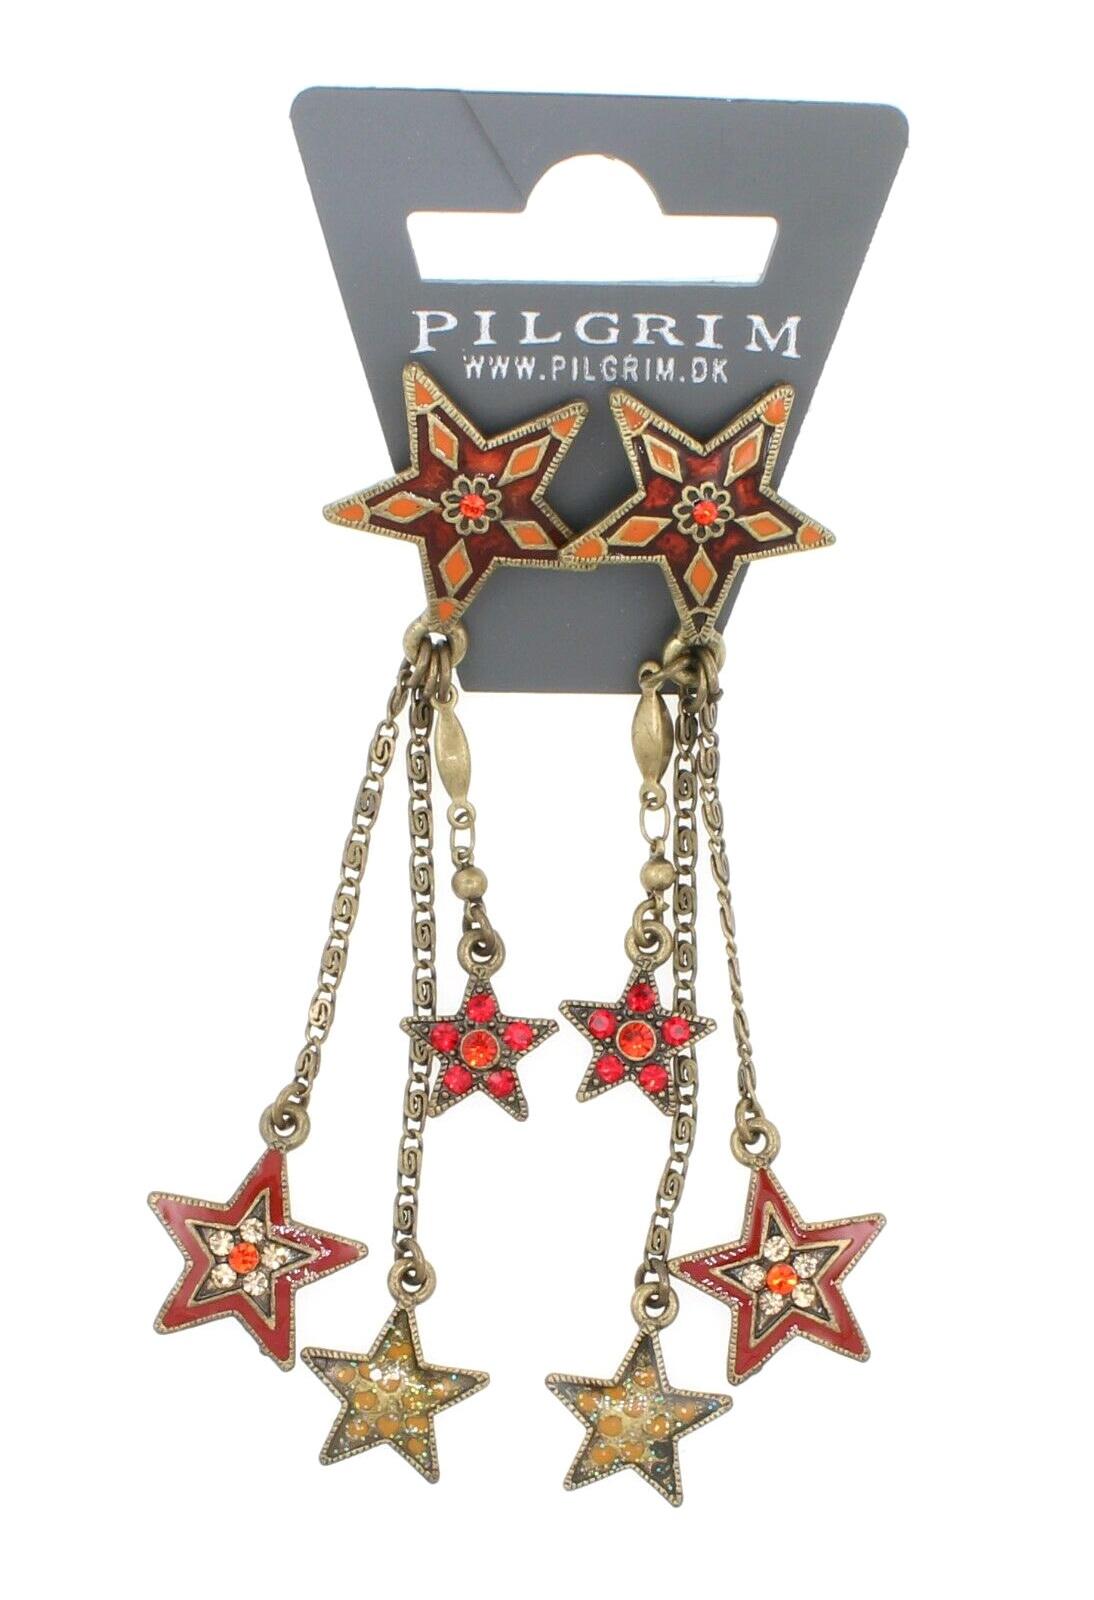 PILGRIM - STARS - Cascade Earrings - Gold Plate/Red Swarovski BNWT